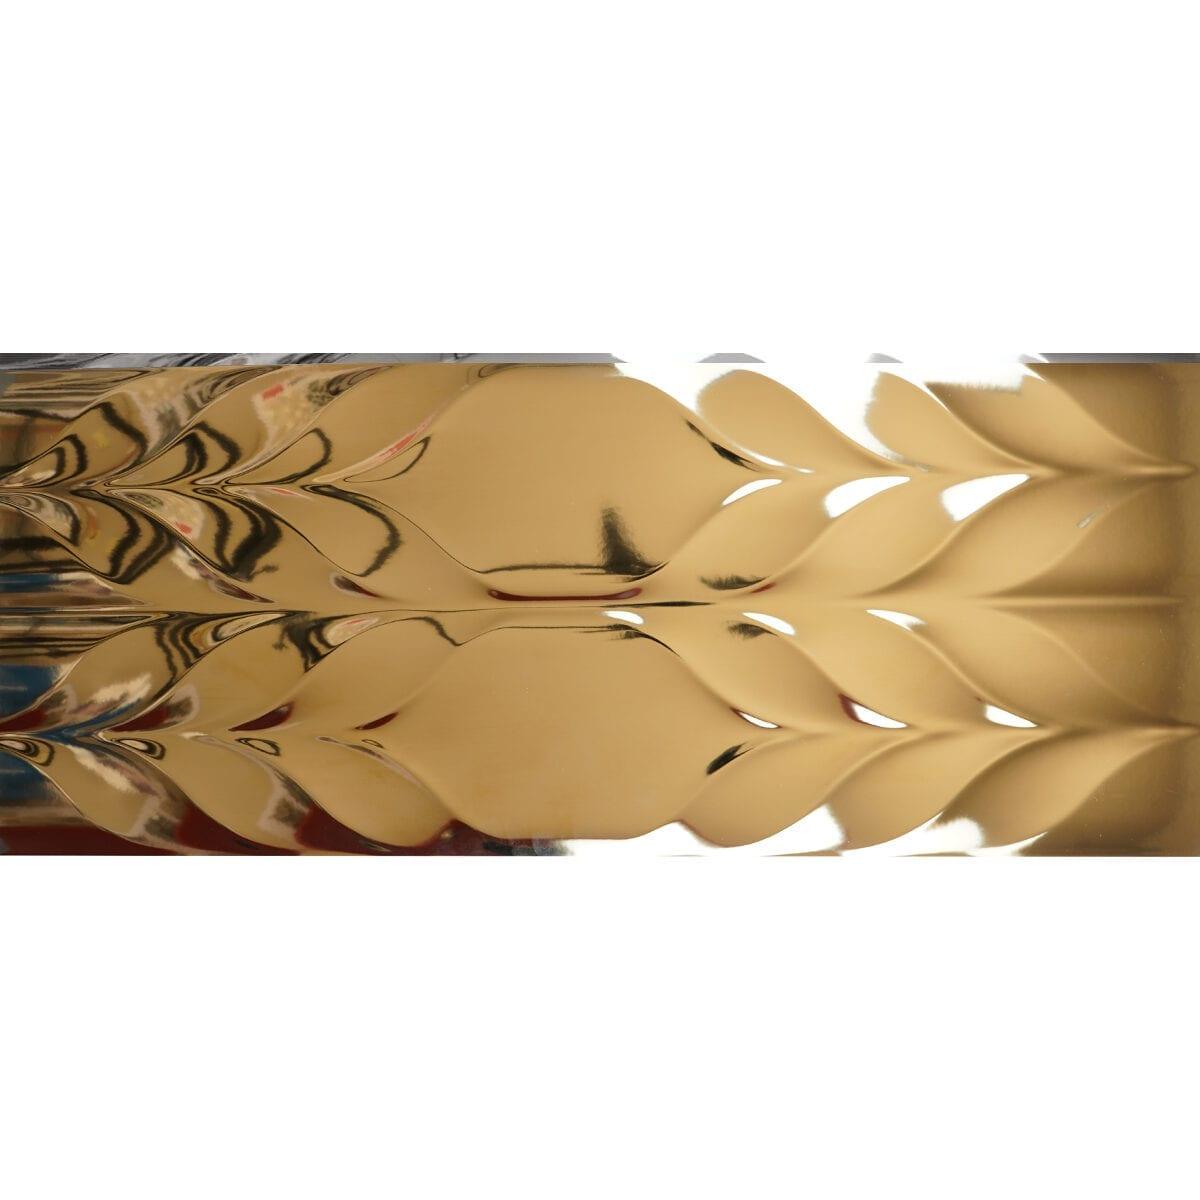 D00163 Decor passion gold sideways